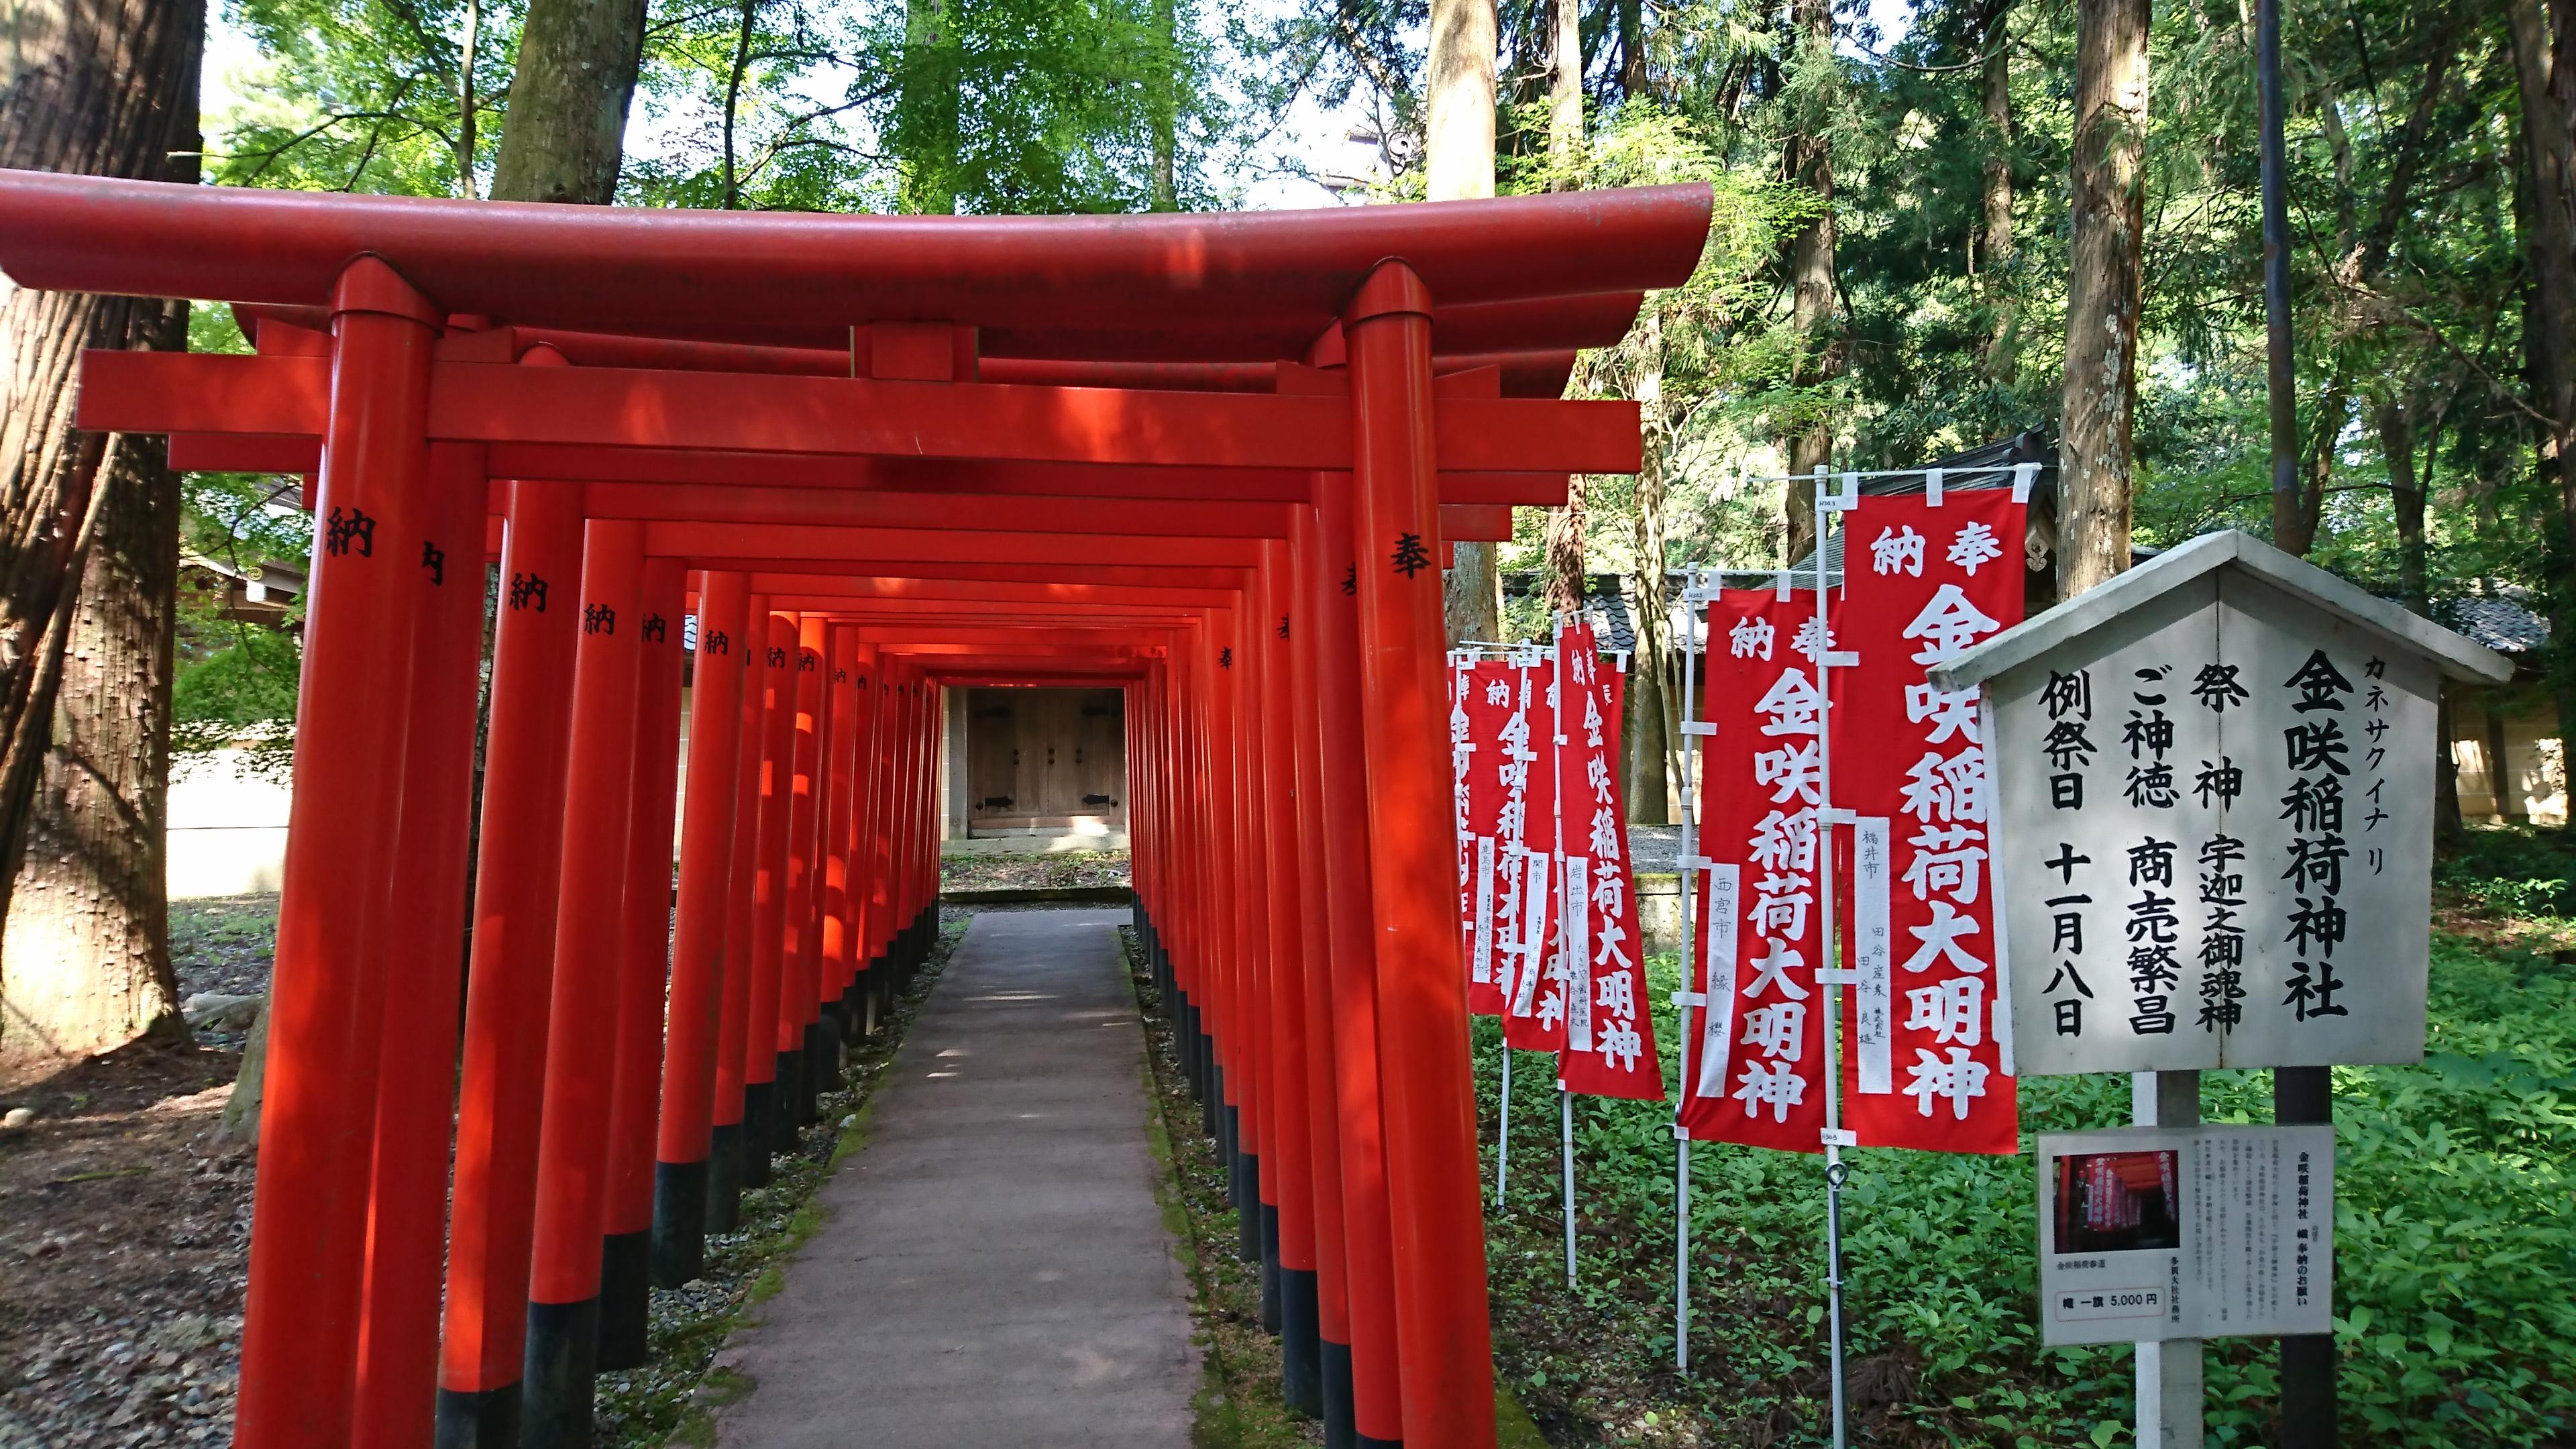 多賀大社の境内にある商売繁昌のパワースポット金咲稲荷神社